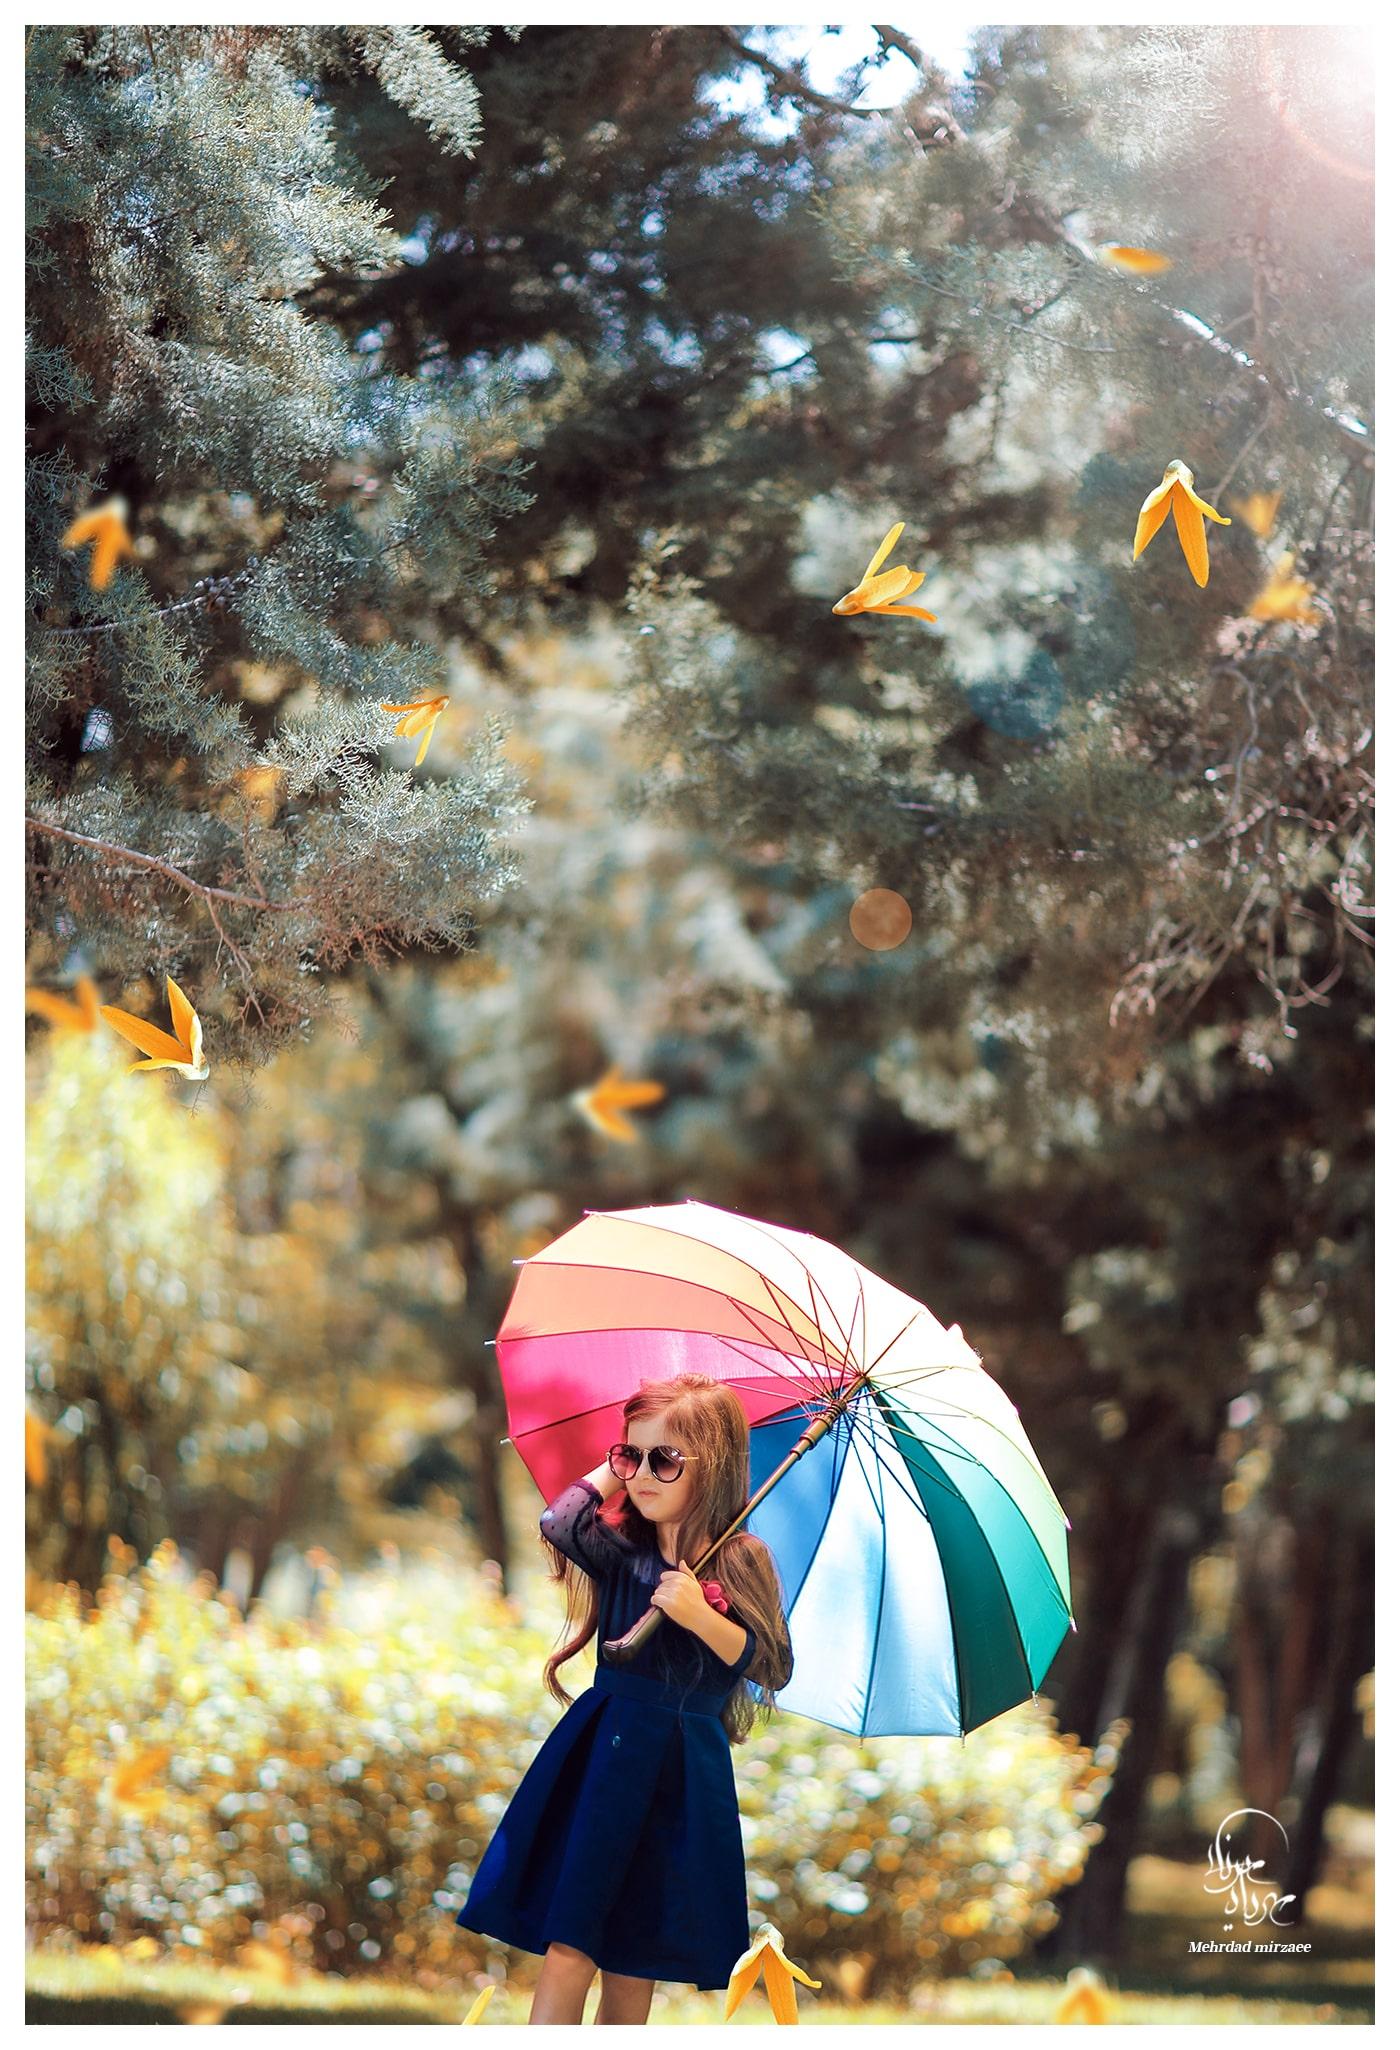 آتلیه کودک در کرج جهانشهر /عکاسی در فضای باز / عکاسی فضای باز /عکس کودک /